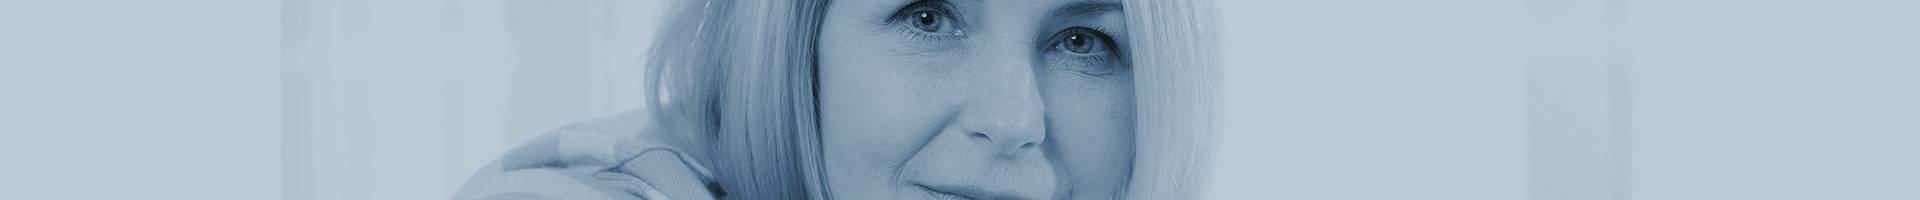 HRT (Menopause)